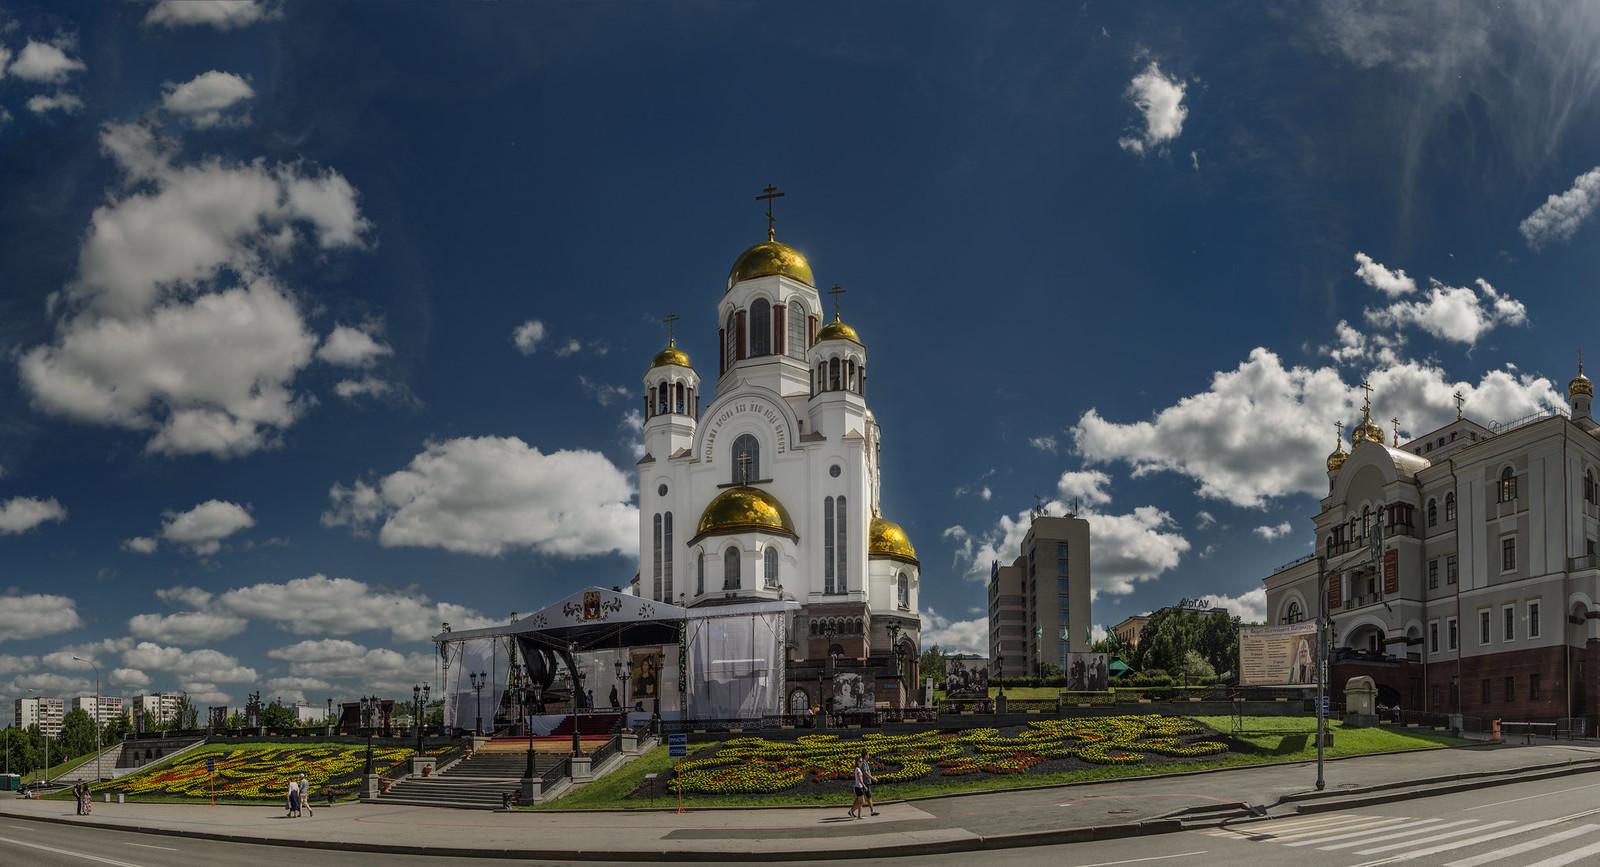 Екатеринбург, храм Романовых - фотограф Челябинск